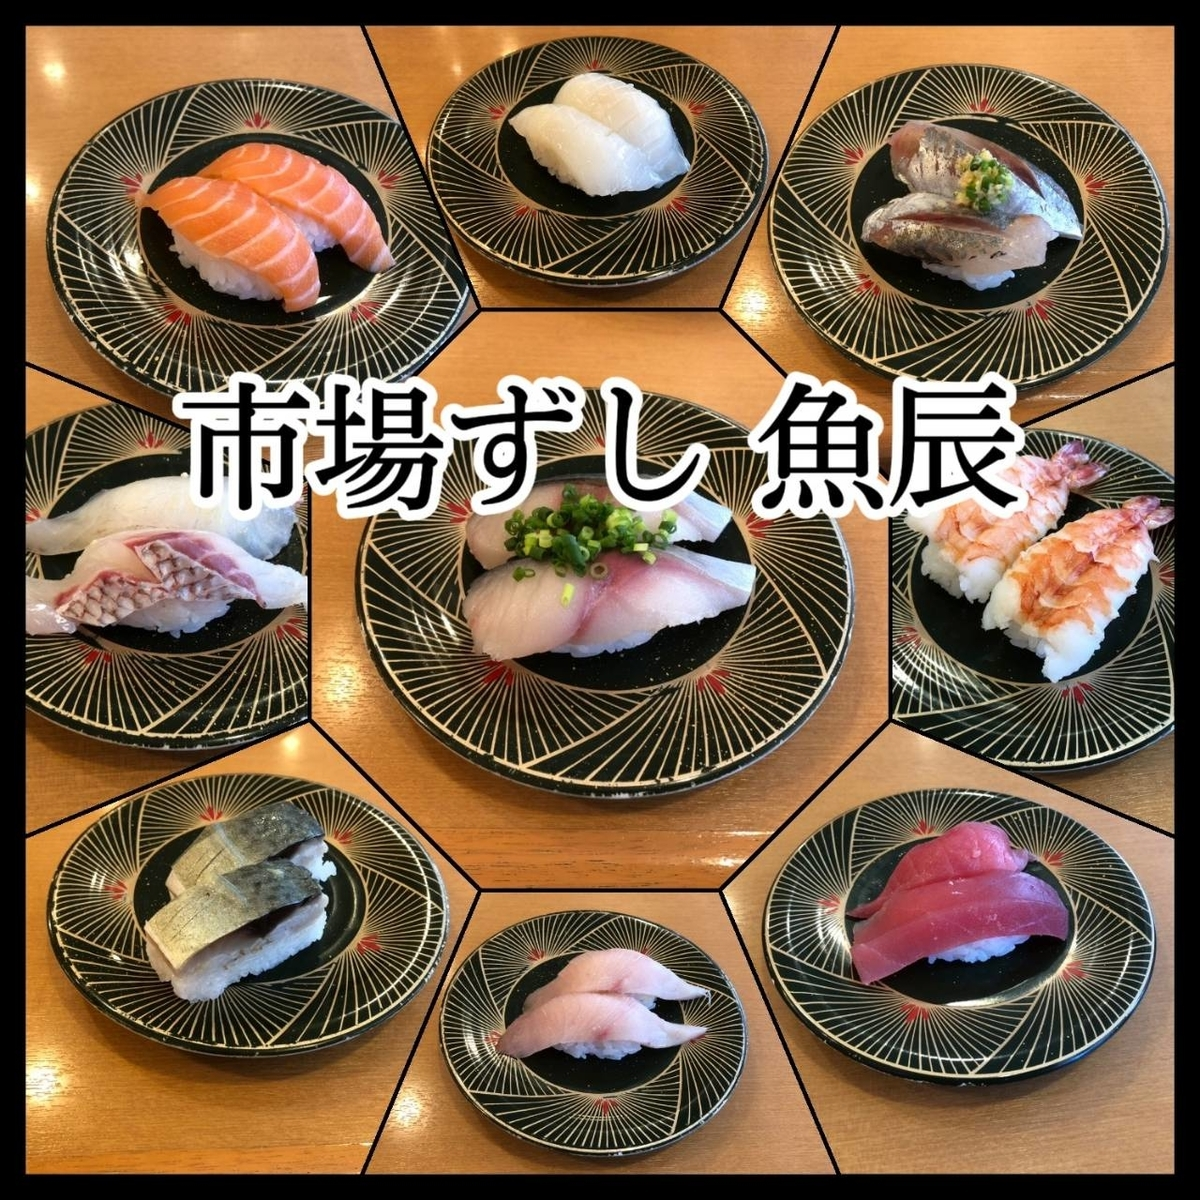 長浜鮮魚市場 「市場ずし 魚辰」 LIFE